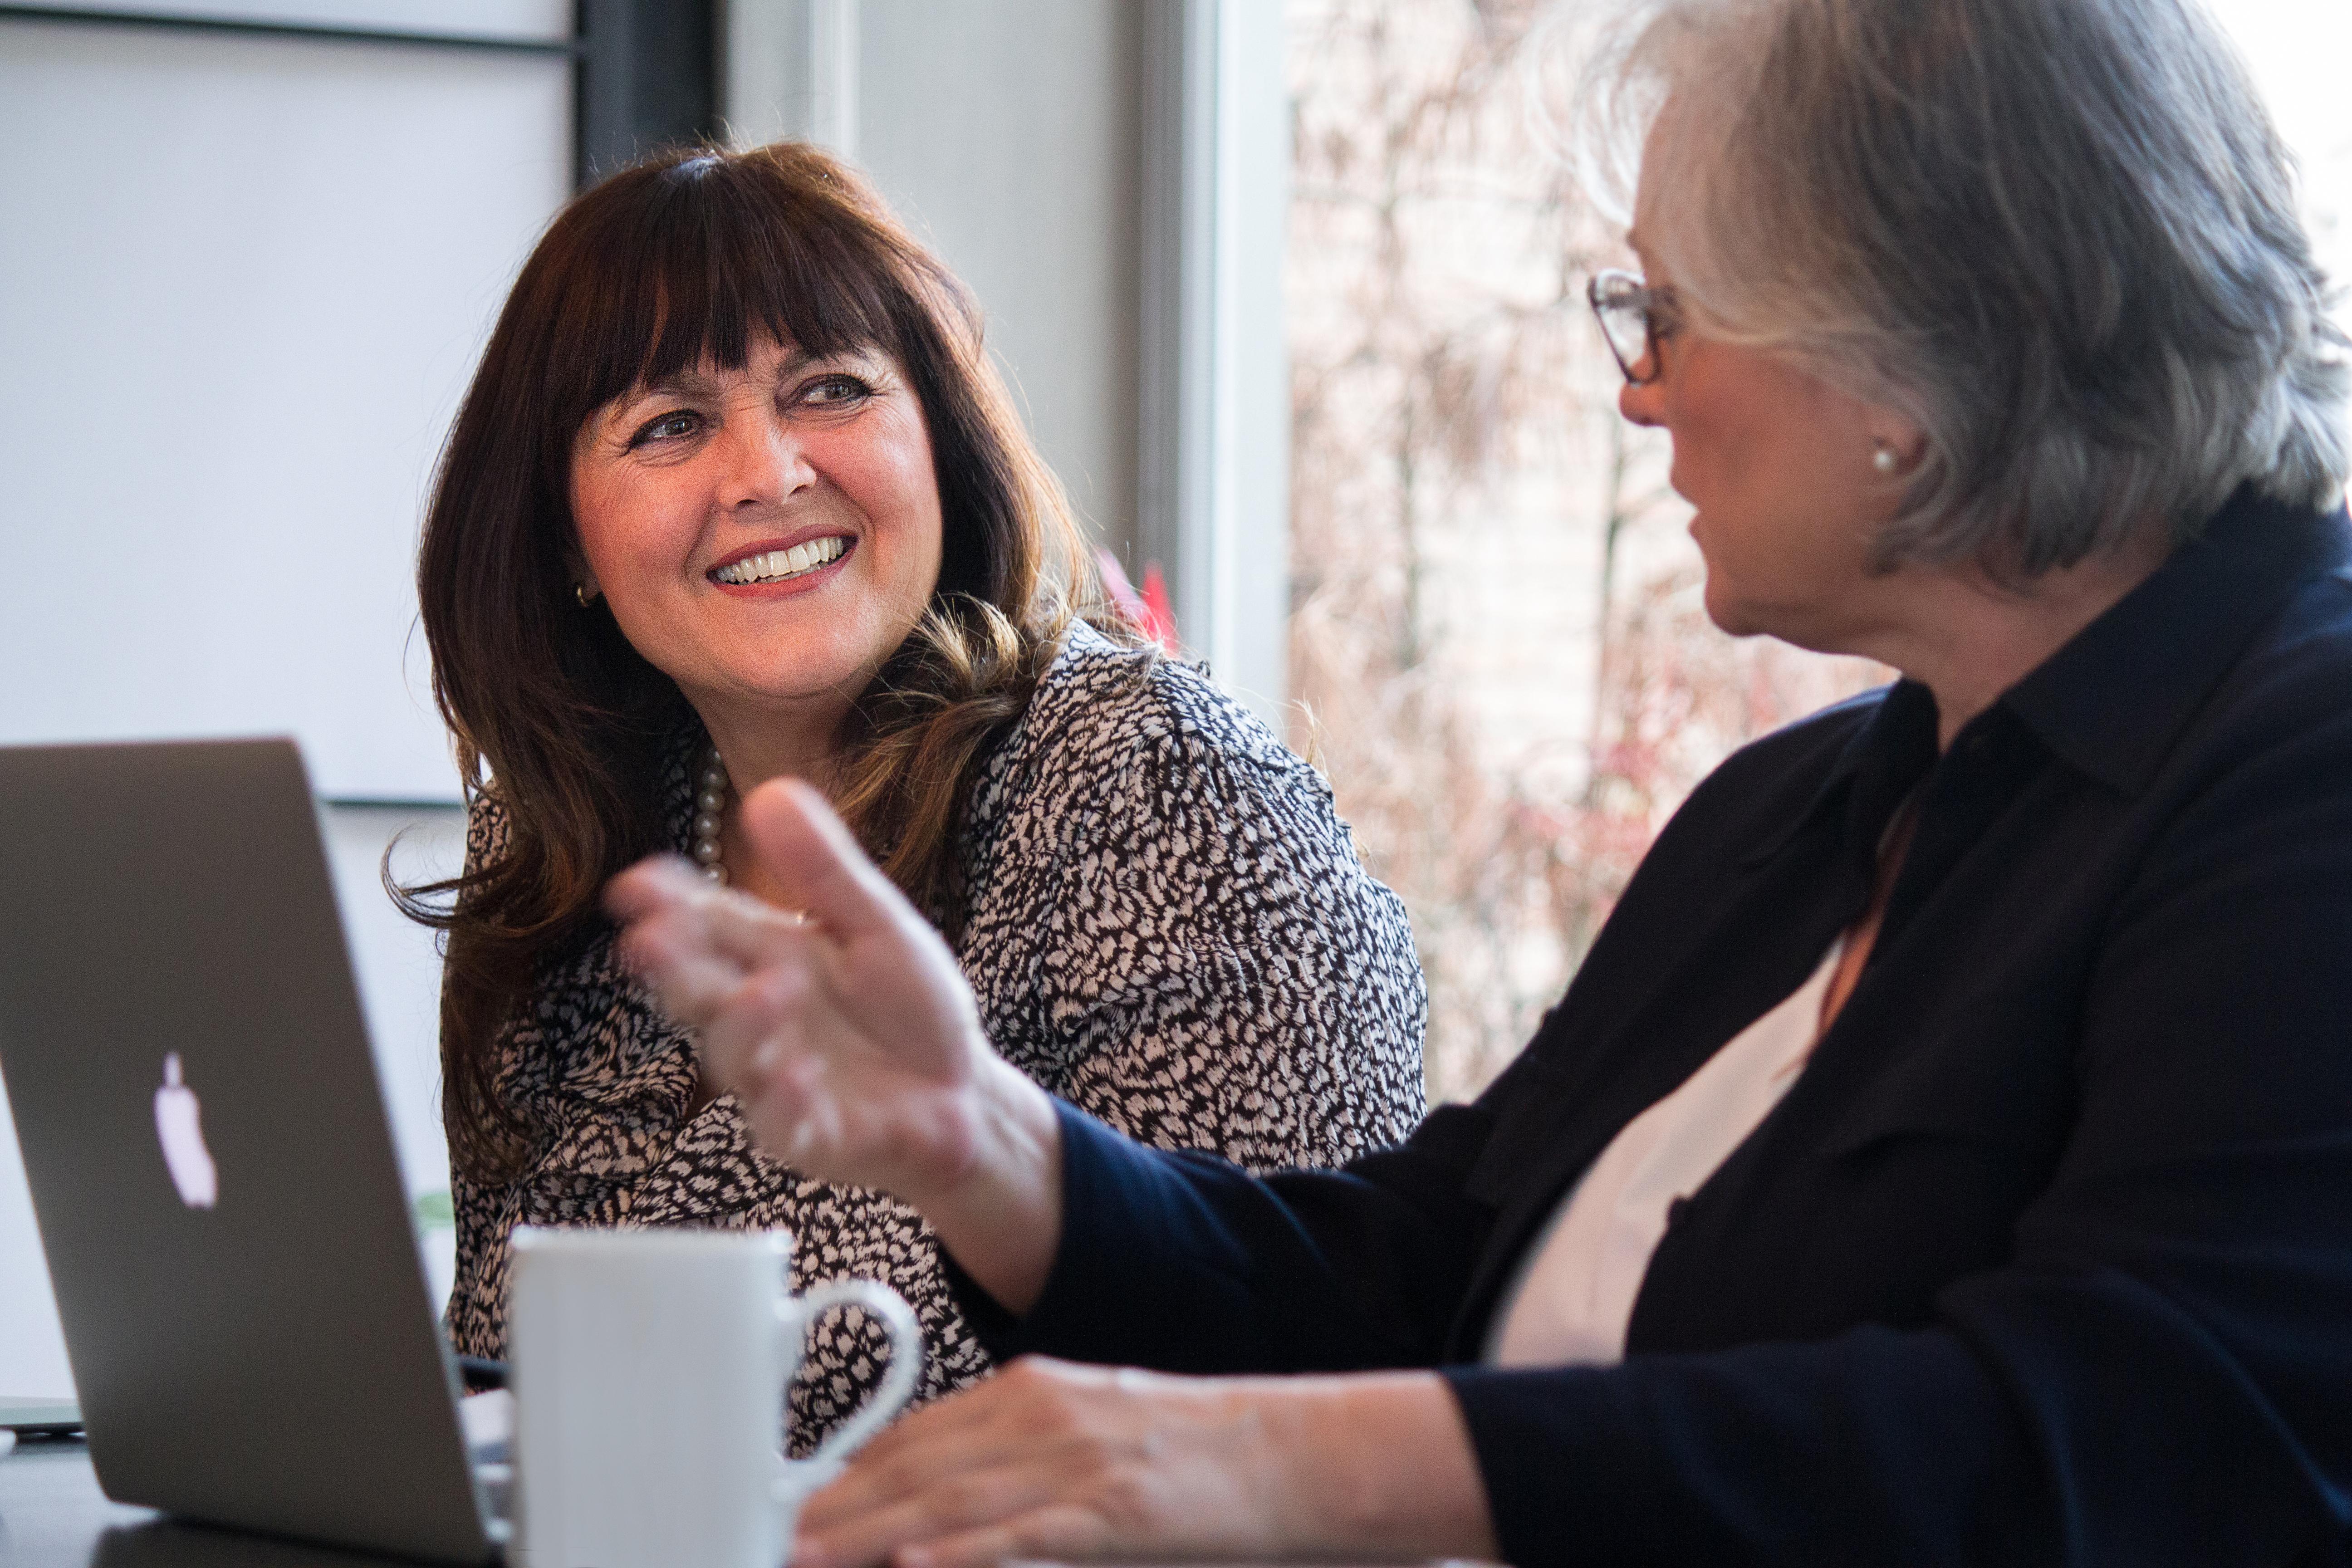 Vom hohen Wert einer real gelebten Praxiskultur: Hoch motivierte Mitarbeiter und hoch zufriedene Patienten